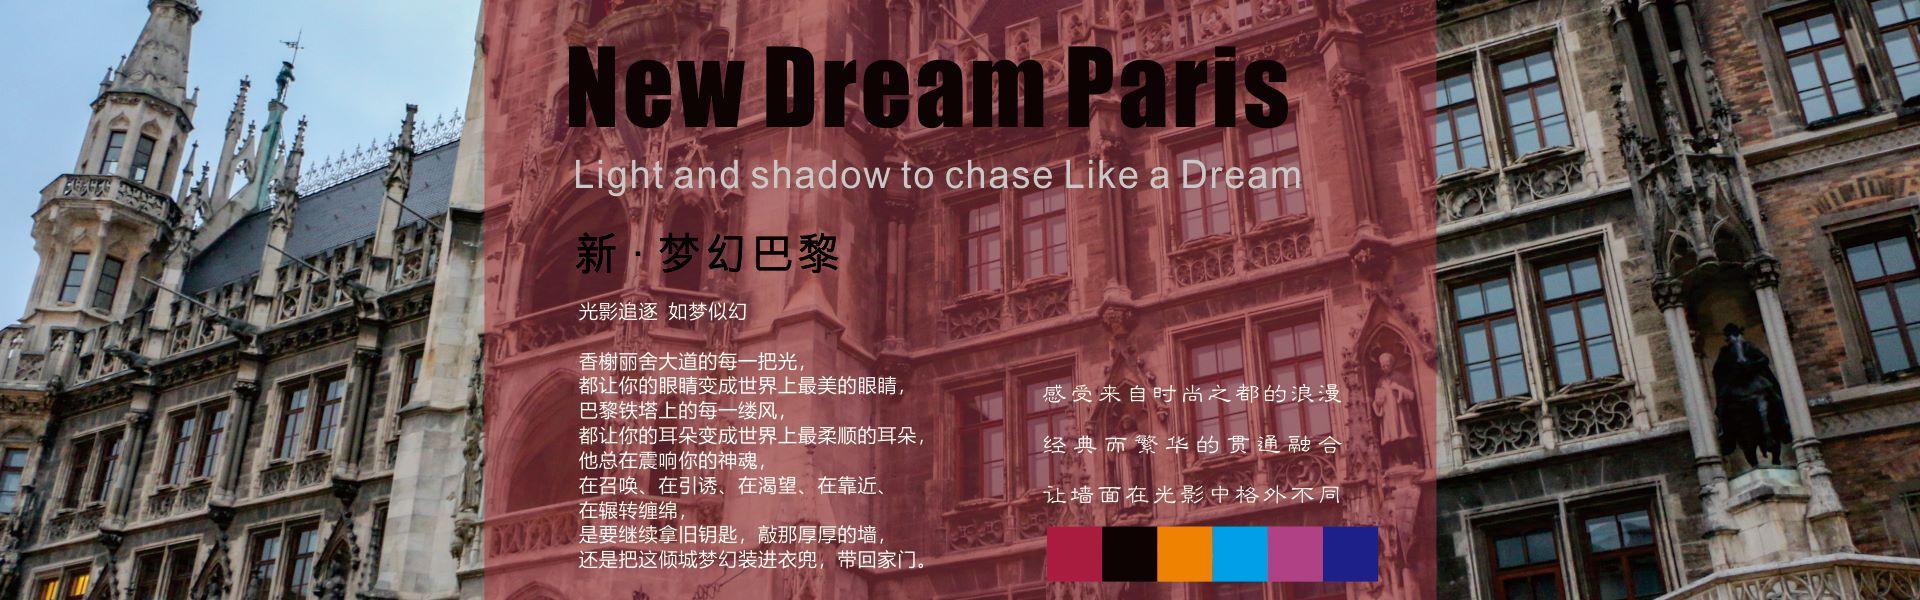 新 · 梦幻巴黎系列产品